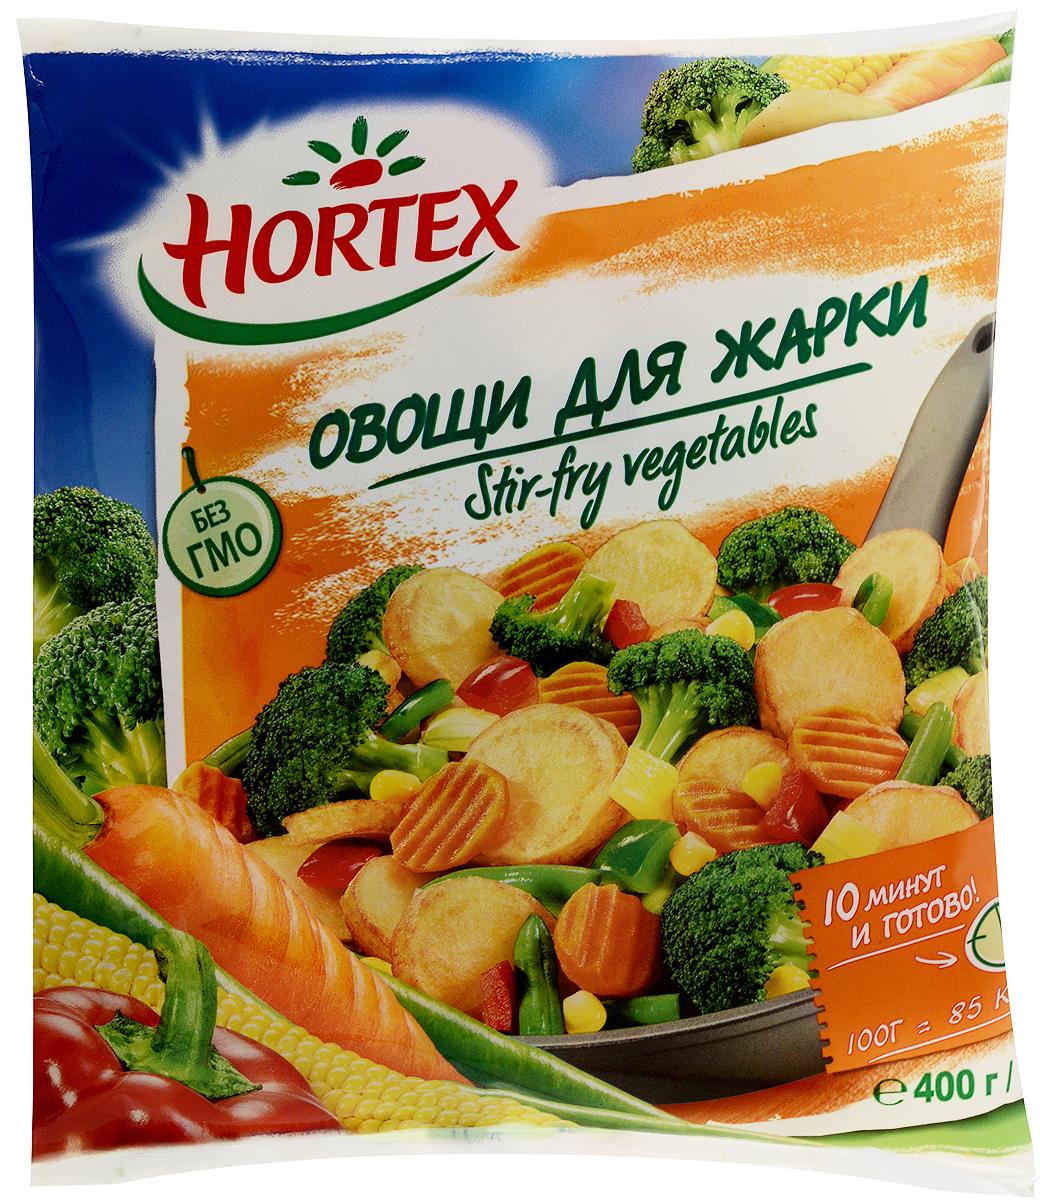 Hortex Овощи для жарки, 400 г